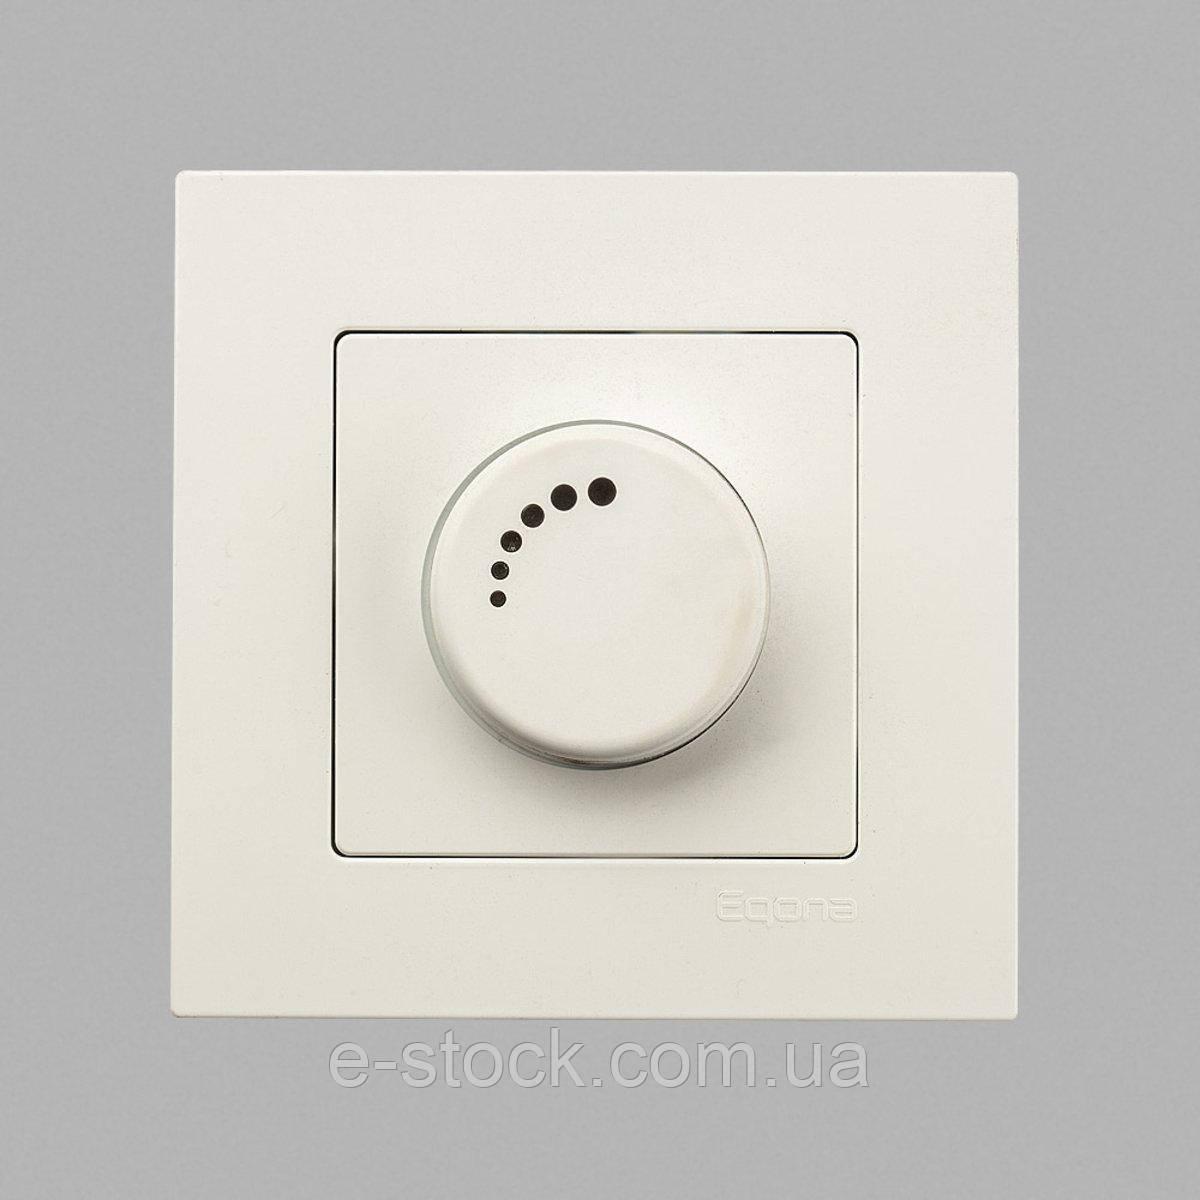 Eqona Светорегулятор 1000Вт с подсв. белый